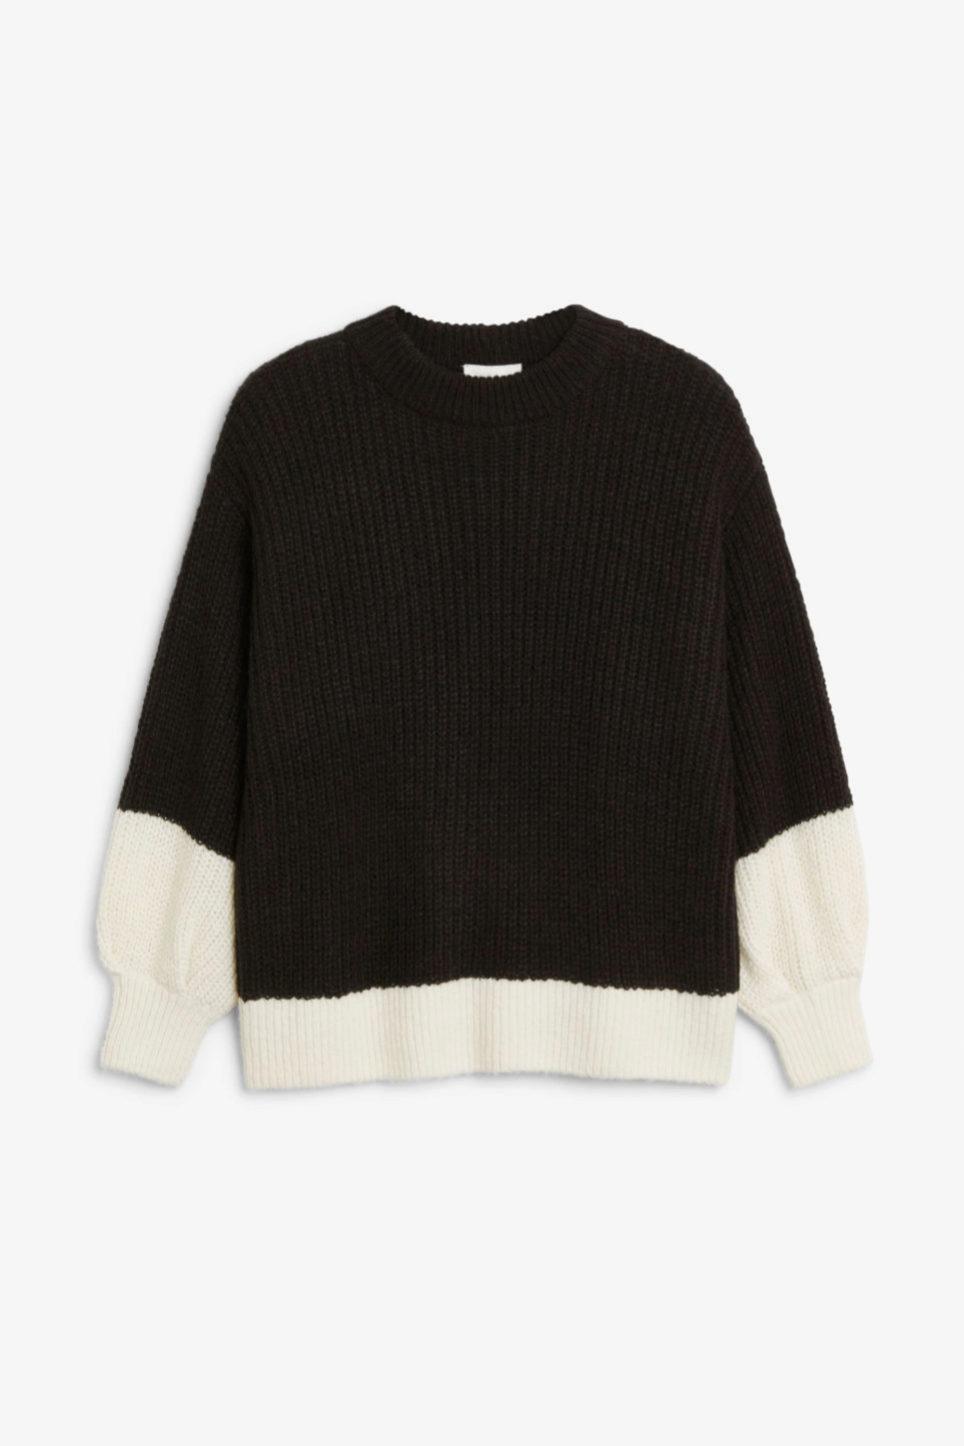 Jersey de lana en blanco y negro de Monki